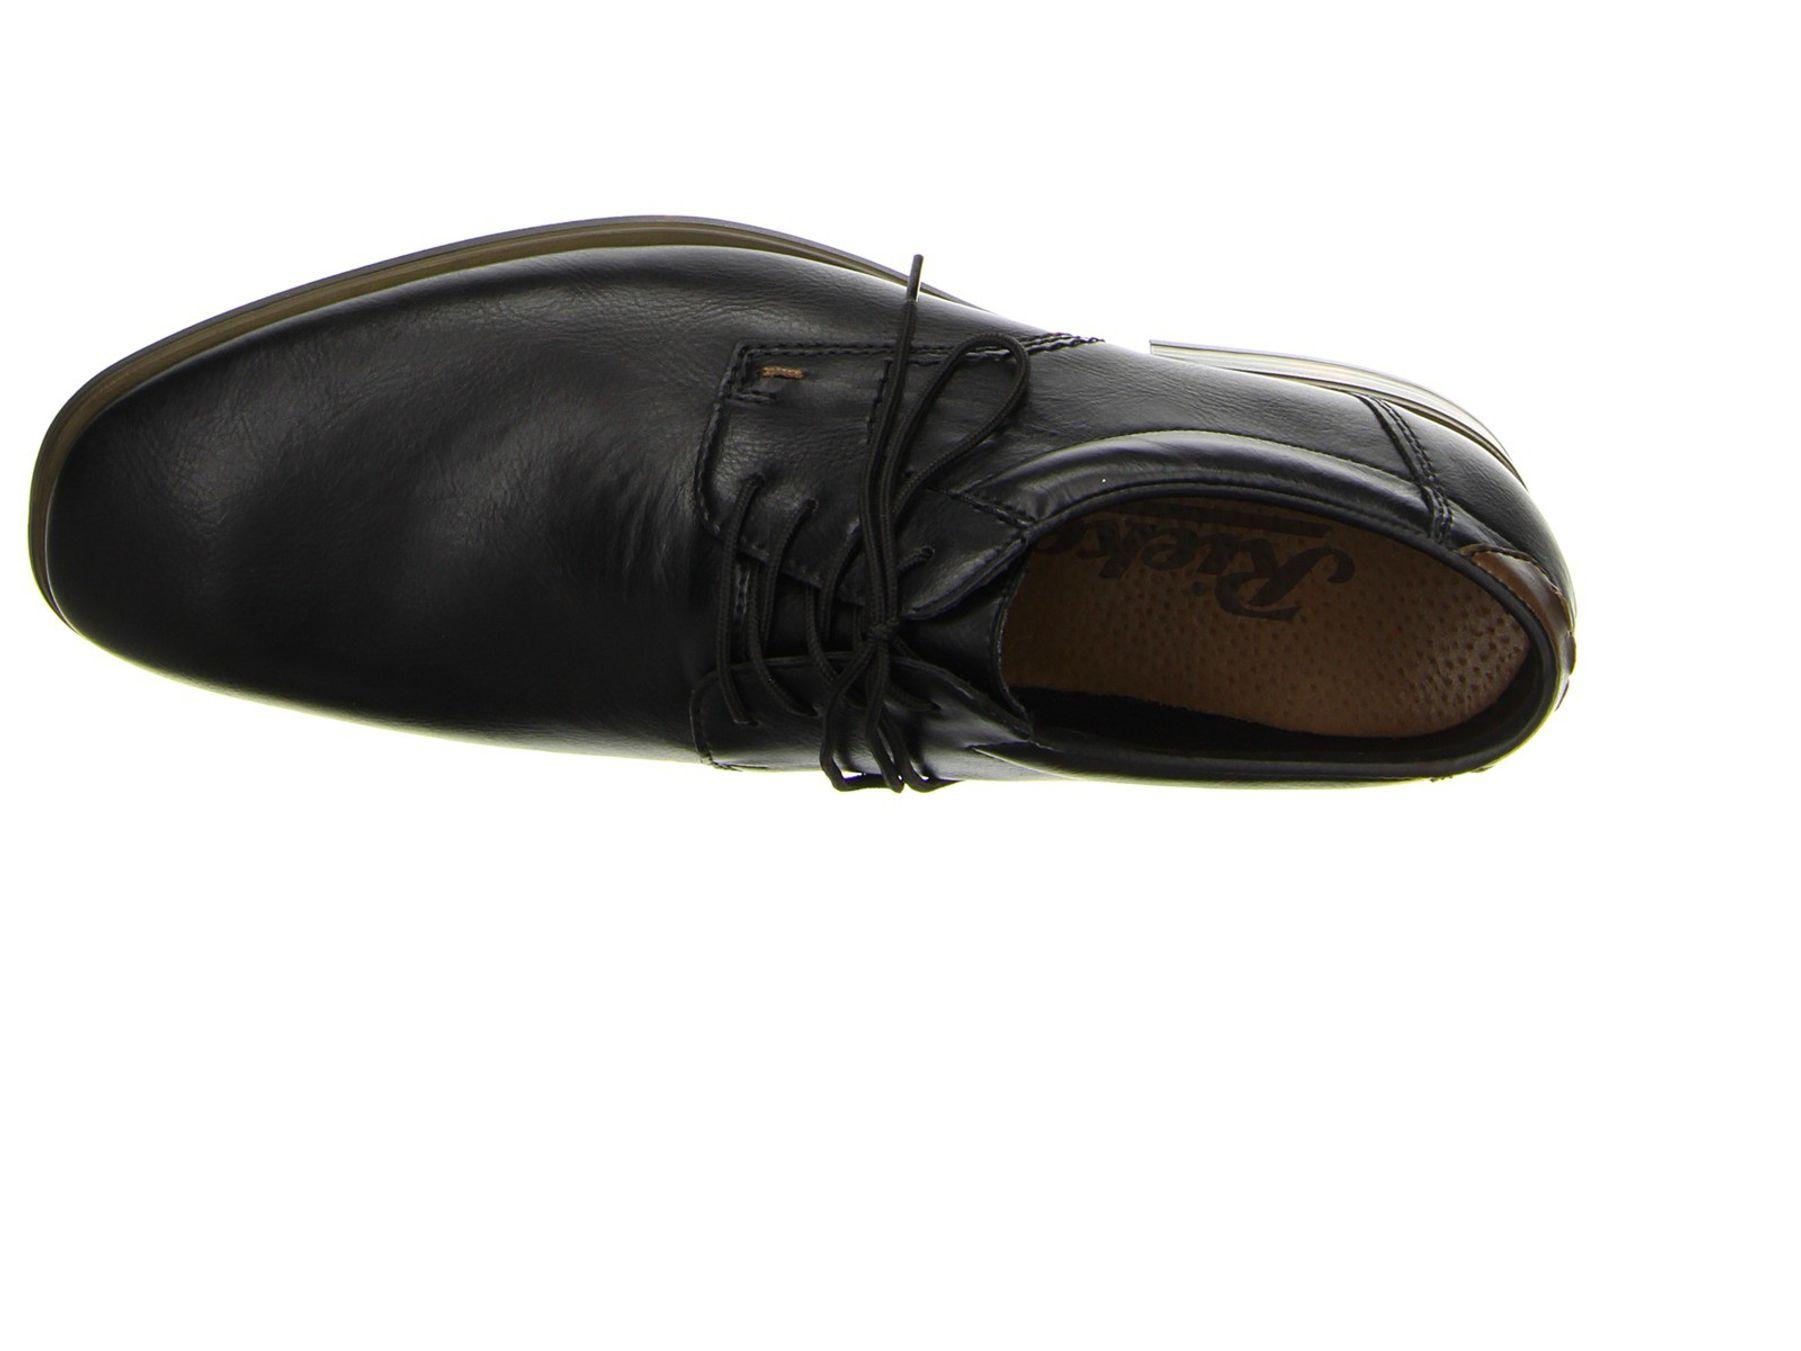 Rieker - Herren Schnür Schuhe in Schwarz und Braun, (10610) – Bild 4